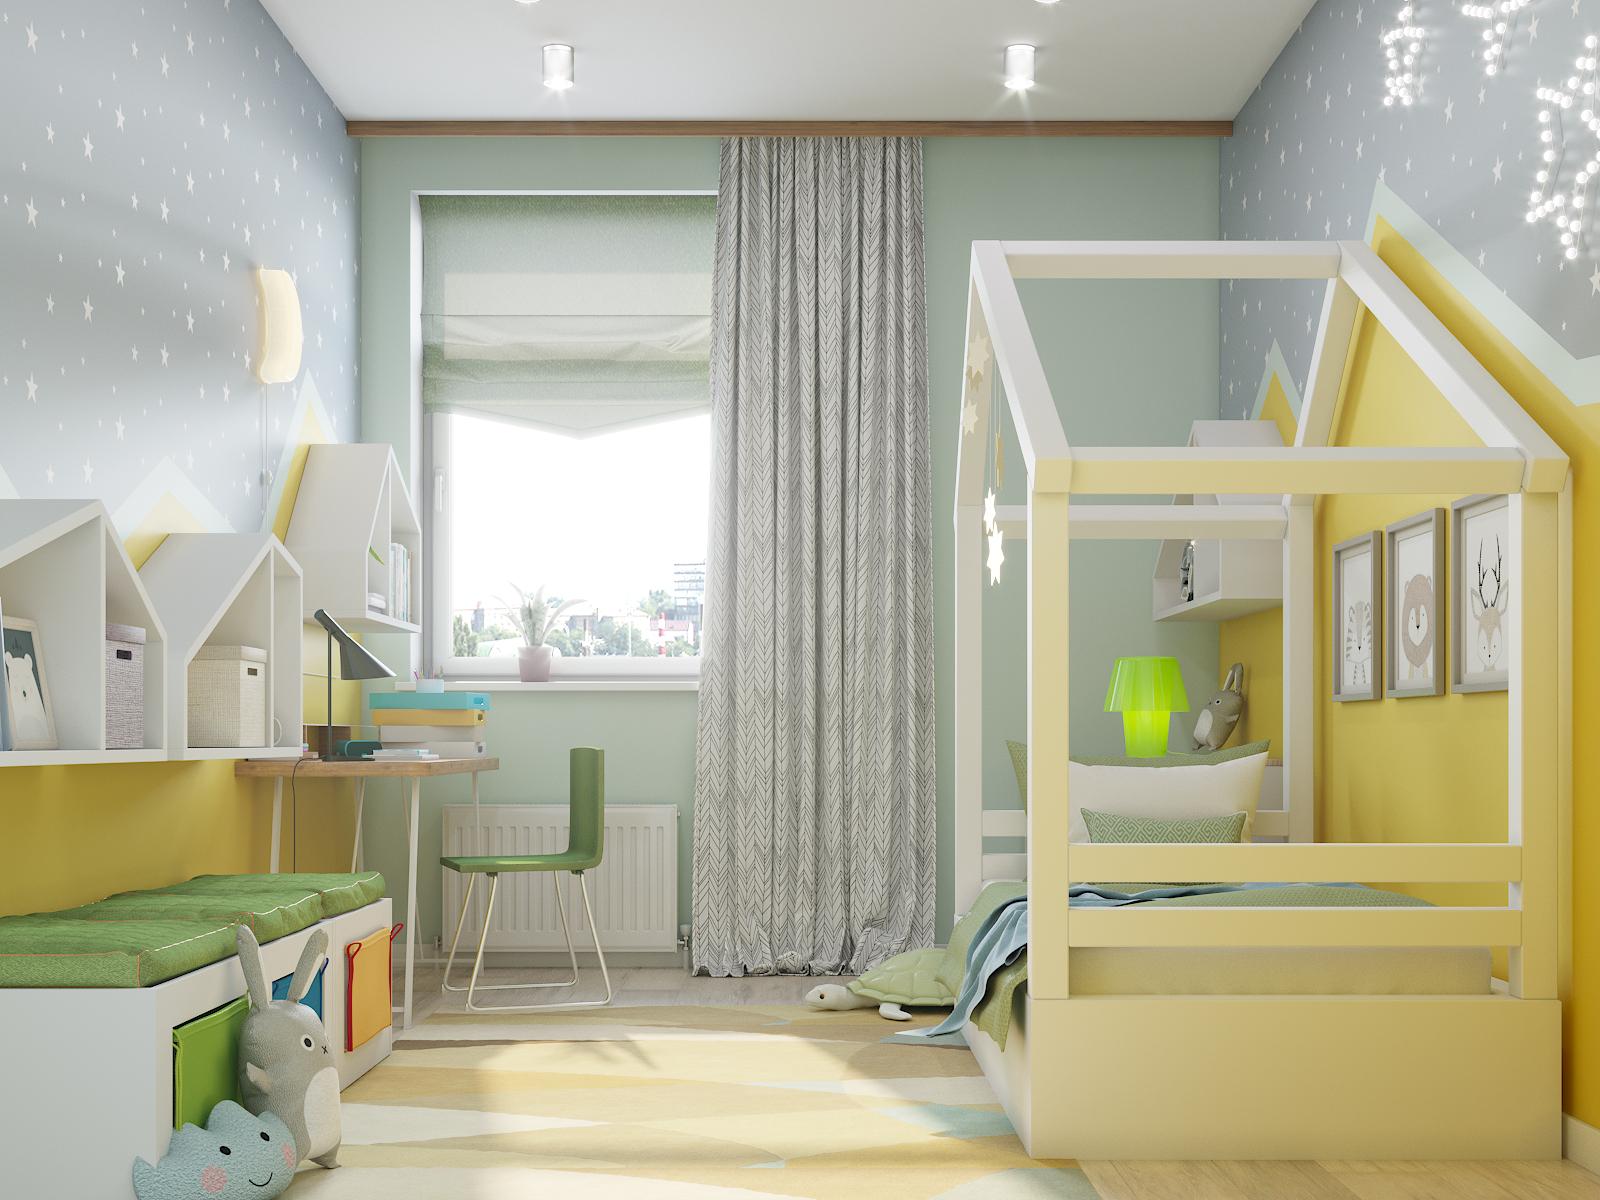 ज़िगज़ैग के साथ बच्चों का कमरा 3d max corona render में प्रस्तुत छवि